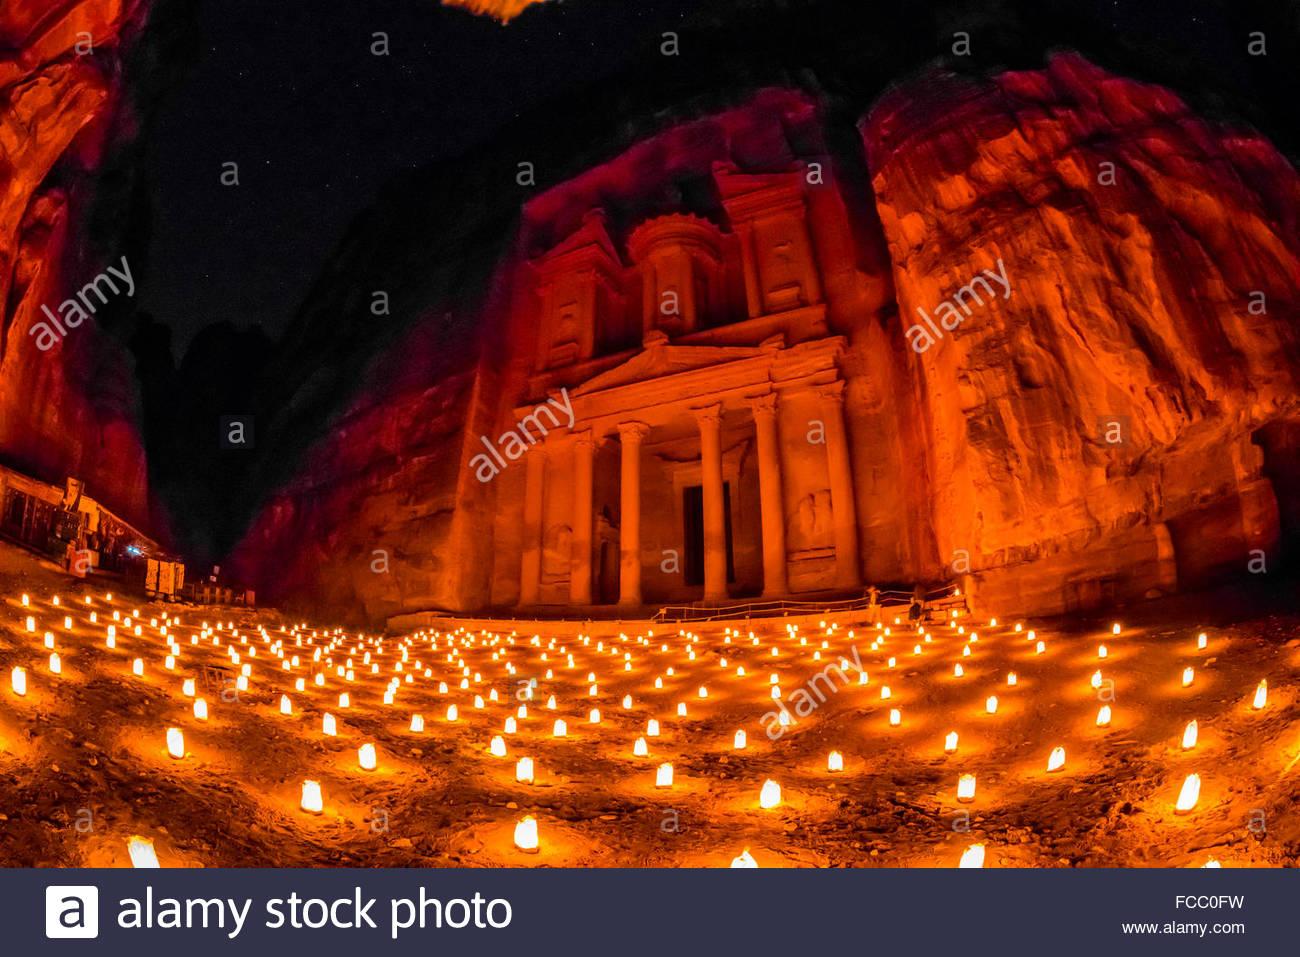 A la luz de las velas por la noche (PETRA), el monumento del Tesoro (Al-Khazneh), Petra sitio arqueológico Imagen De Stock